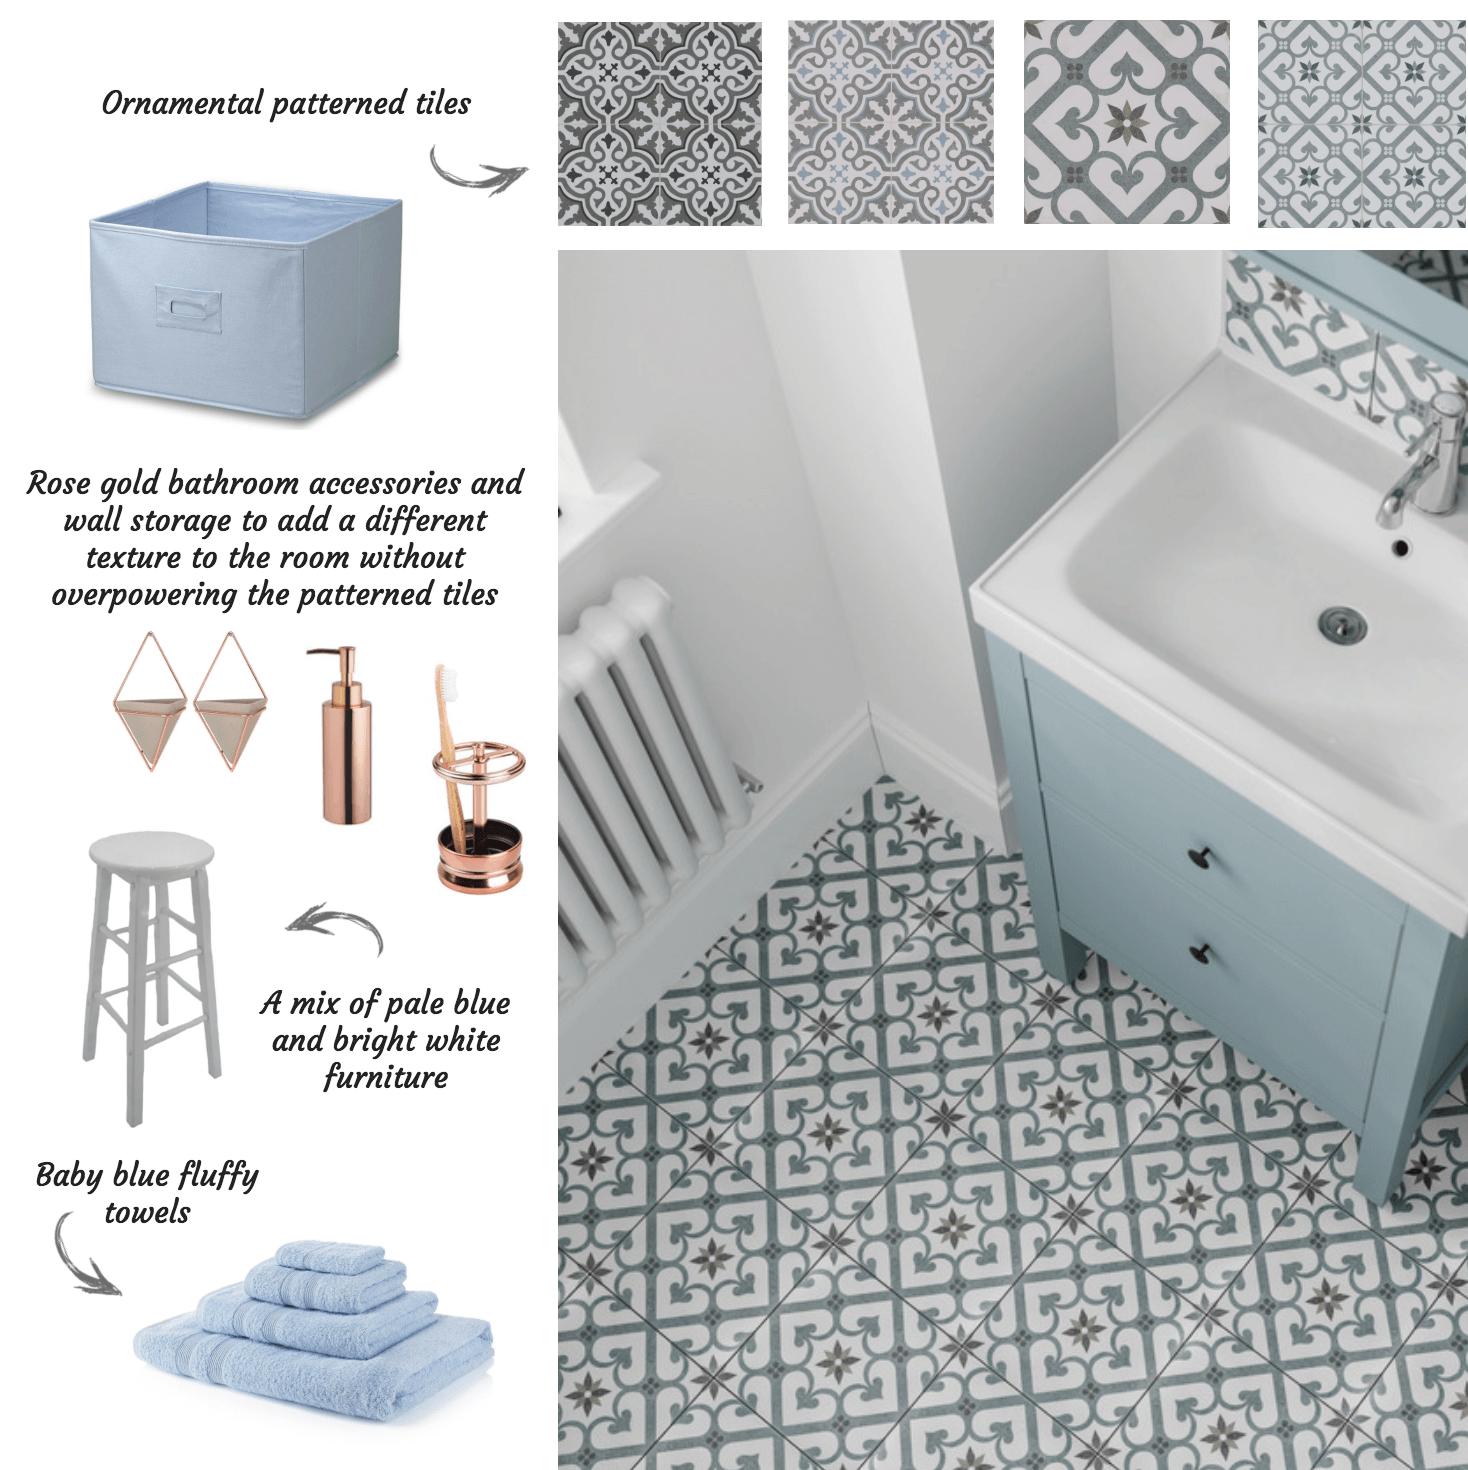 Ornamental Patterned Tiles